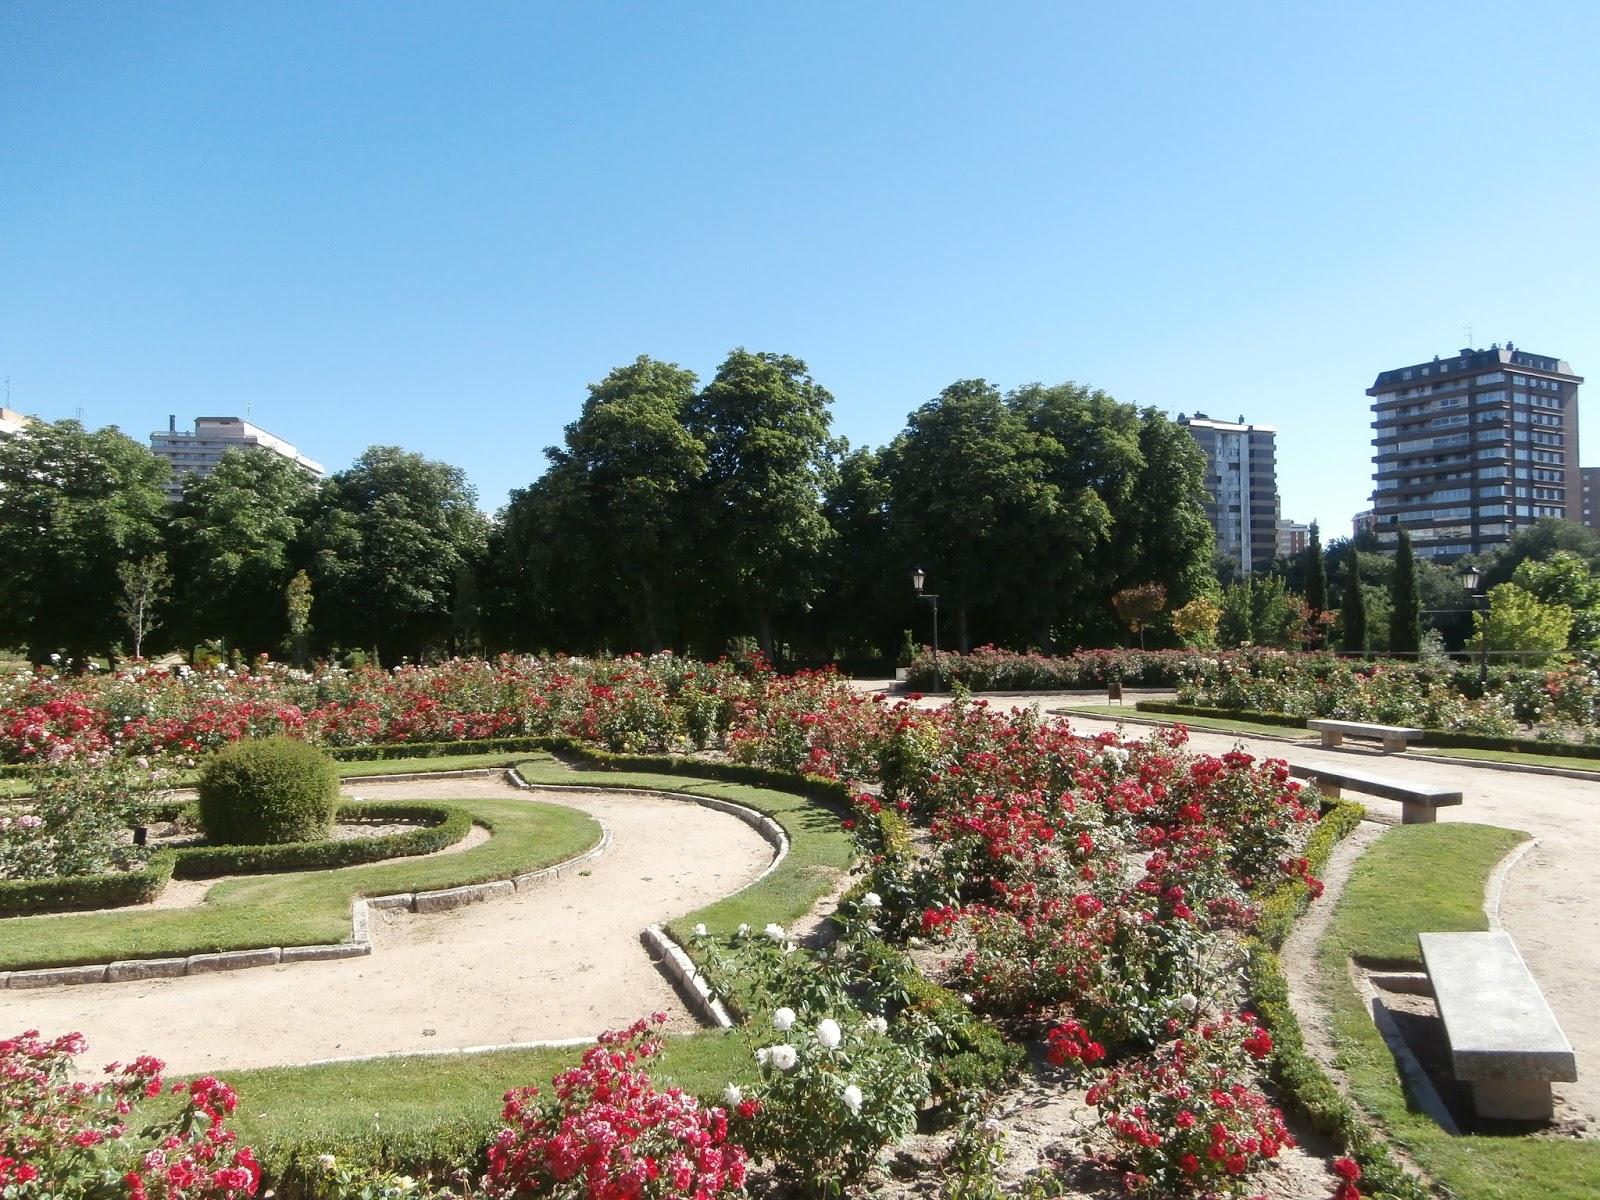 metido en jardines rosaleda de valladolid